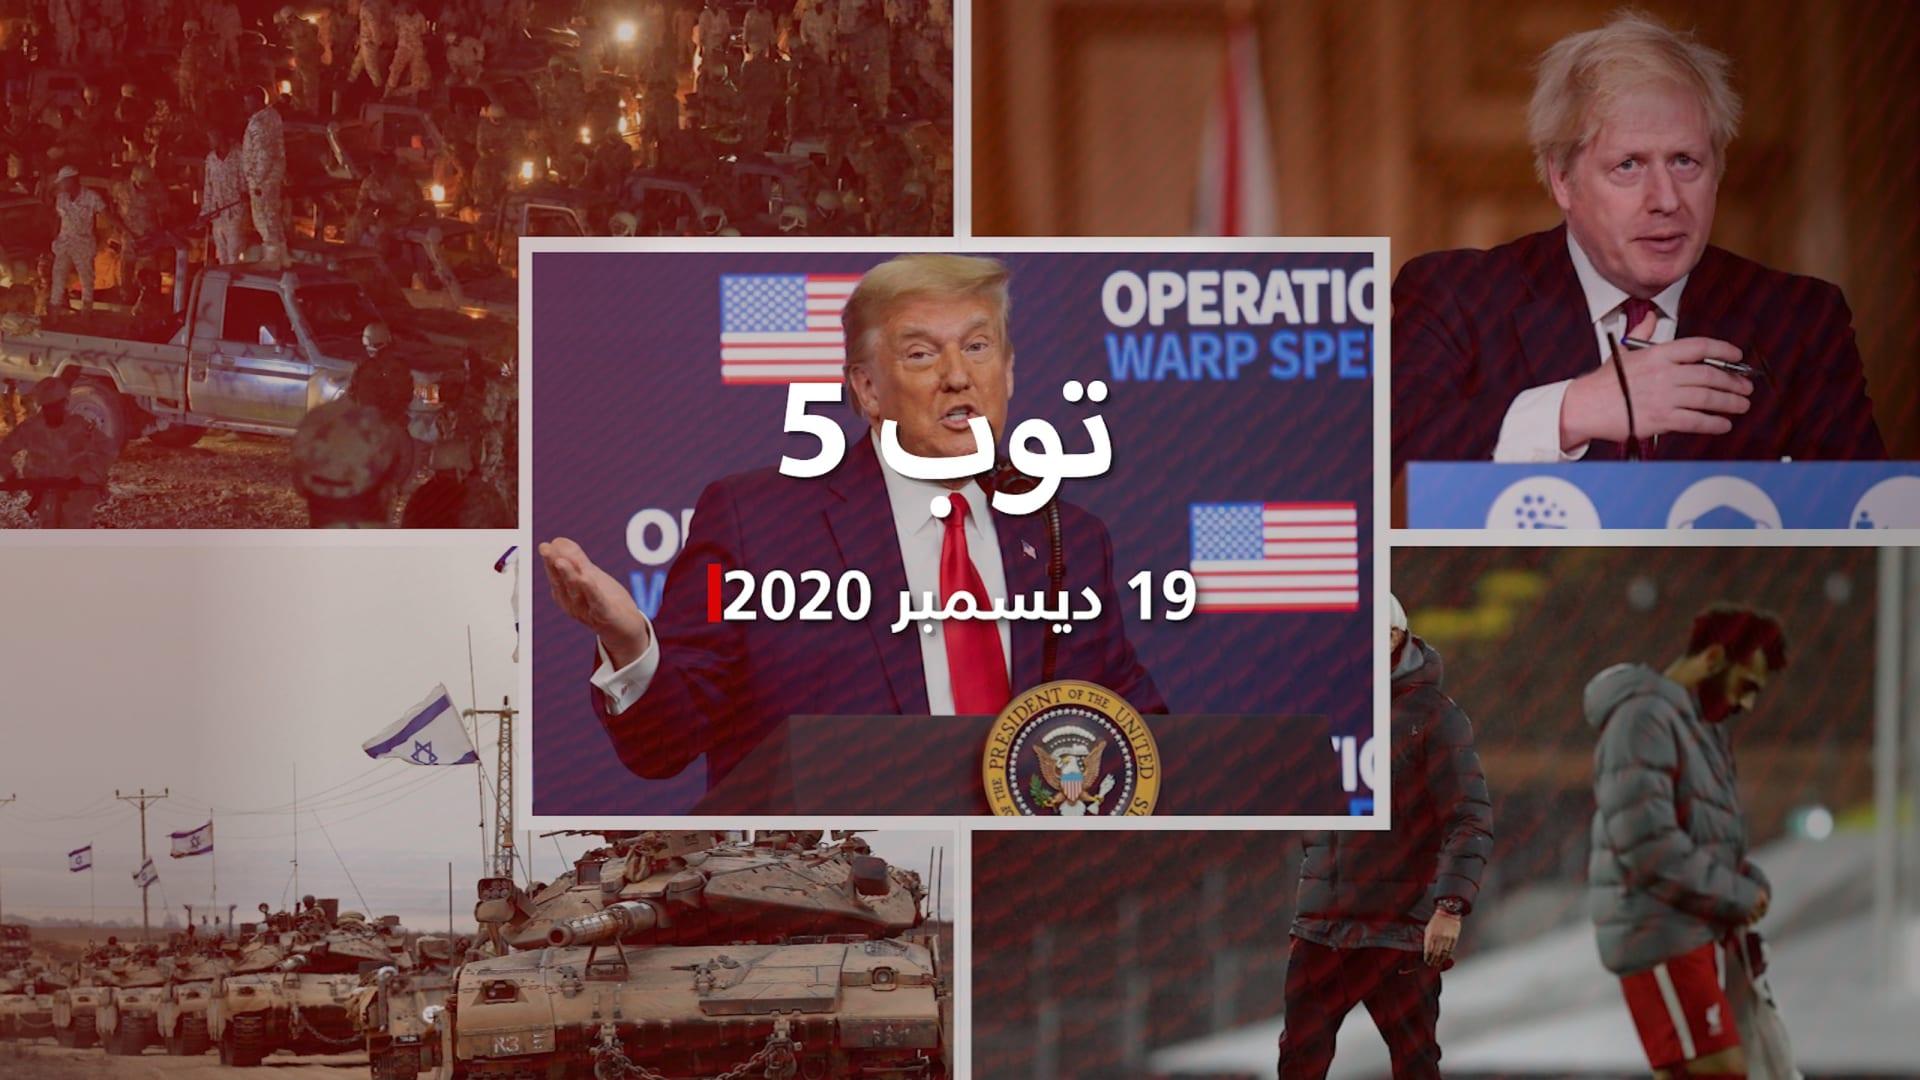 توب 5: حشد عسكري سوداني ودفاع ترامب عن روسيا.. وتصريحات صلاح